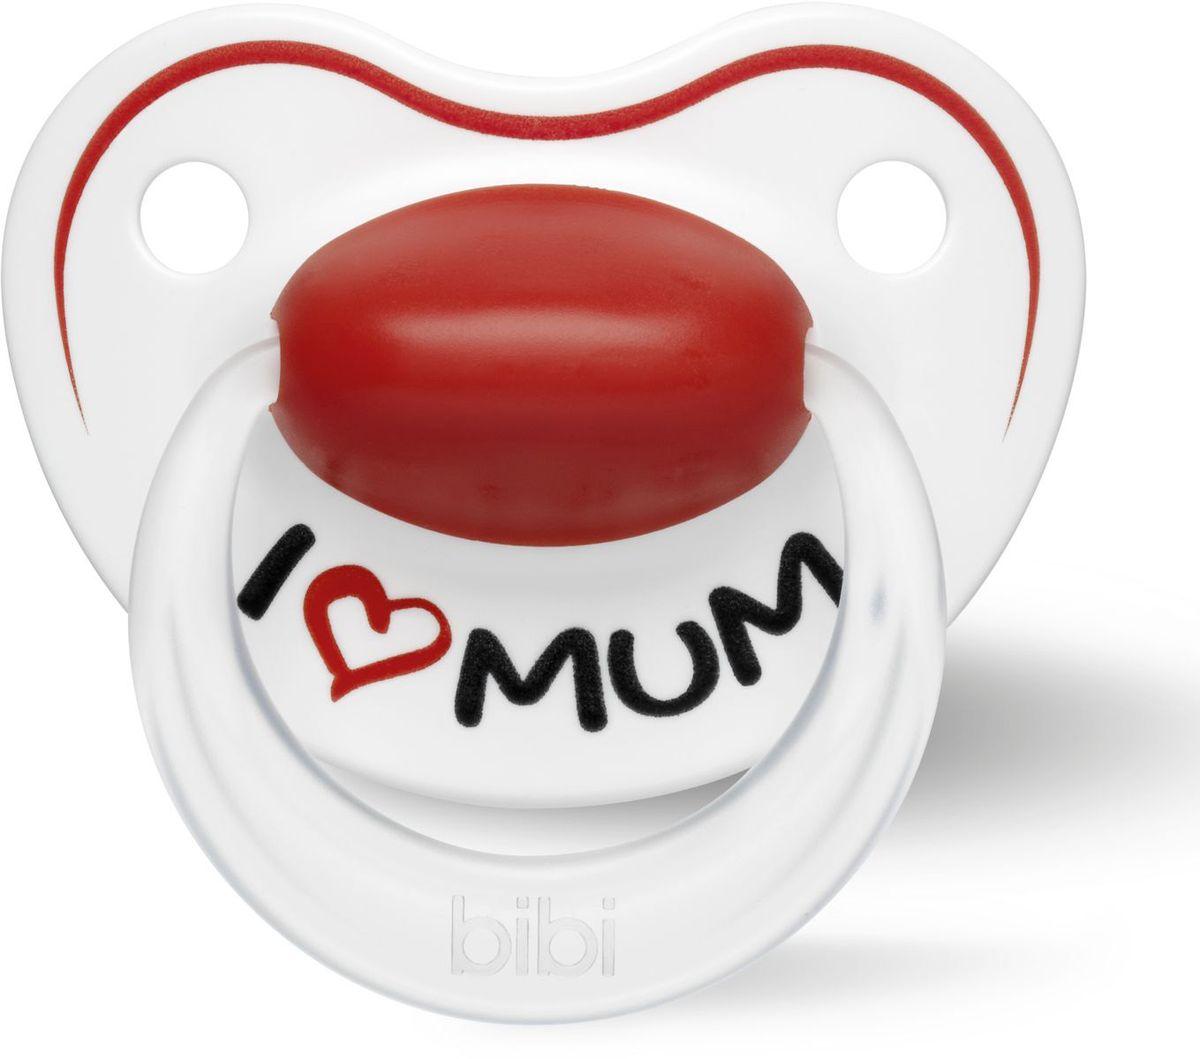 Bibi Пустышка Premium Dental Mum от 16 месяцев113563Пустышка разработана с учетом новейших экспертных рекомендаций и сотрудничества с мамами. Легкая и сбалансированная по весу пустышка для гармоничного восприятия Бархатистый мягкий и гибкий силикон для комфорта и максимальной безопасности Пупырышки «SensoPearls» - для нежного контакта нагубника с кожей малыша Увеличенные вентиляционные отверстия в нагубнике для комфорта нежной детской кожи Эргономичная форма нагубника ErgoComfort подходит для всех малышей Безупречное качество! Ортодонтическая форма соски формирует правильное развитие прикуса Специальный клапан внутри соски обеспечивает циркуляцию воздуха, поэтому соска всегда остается мягкой и гибкой Пустышки сделаны из высококачественного полипропилена (нагубник) и силикона (соска) Защитный колпачок в комплекте с каждой пустышкой Модный дизайн выполнен совершенно безопасными пищевыми красителями Чтобы родитель лучше ориентировался в выборе изделия, определенному возрасту...